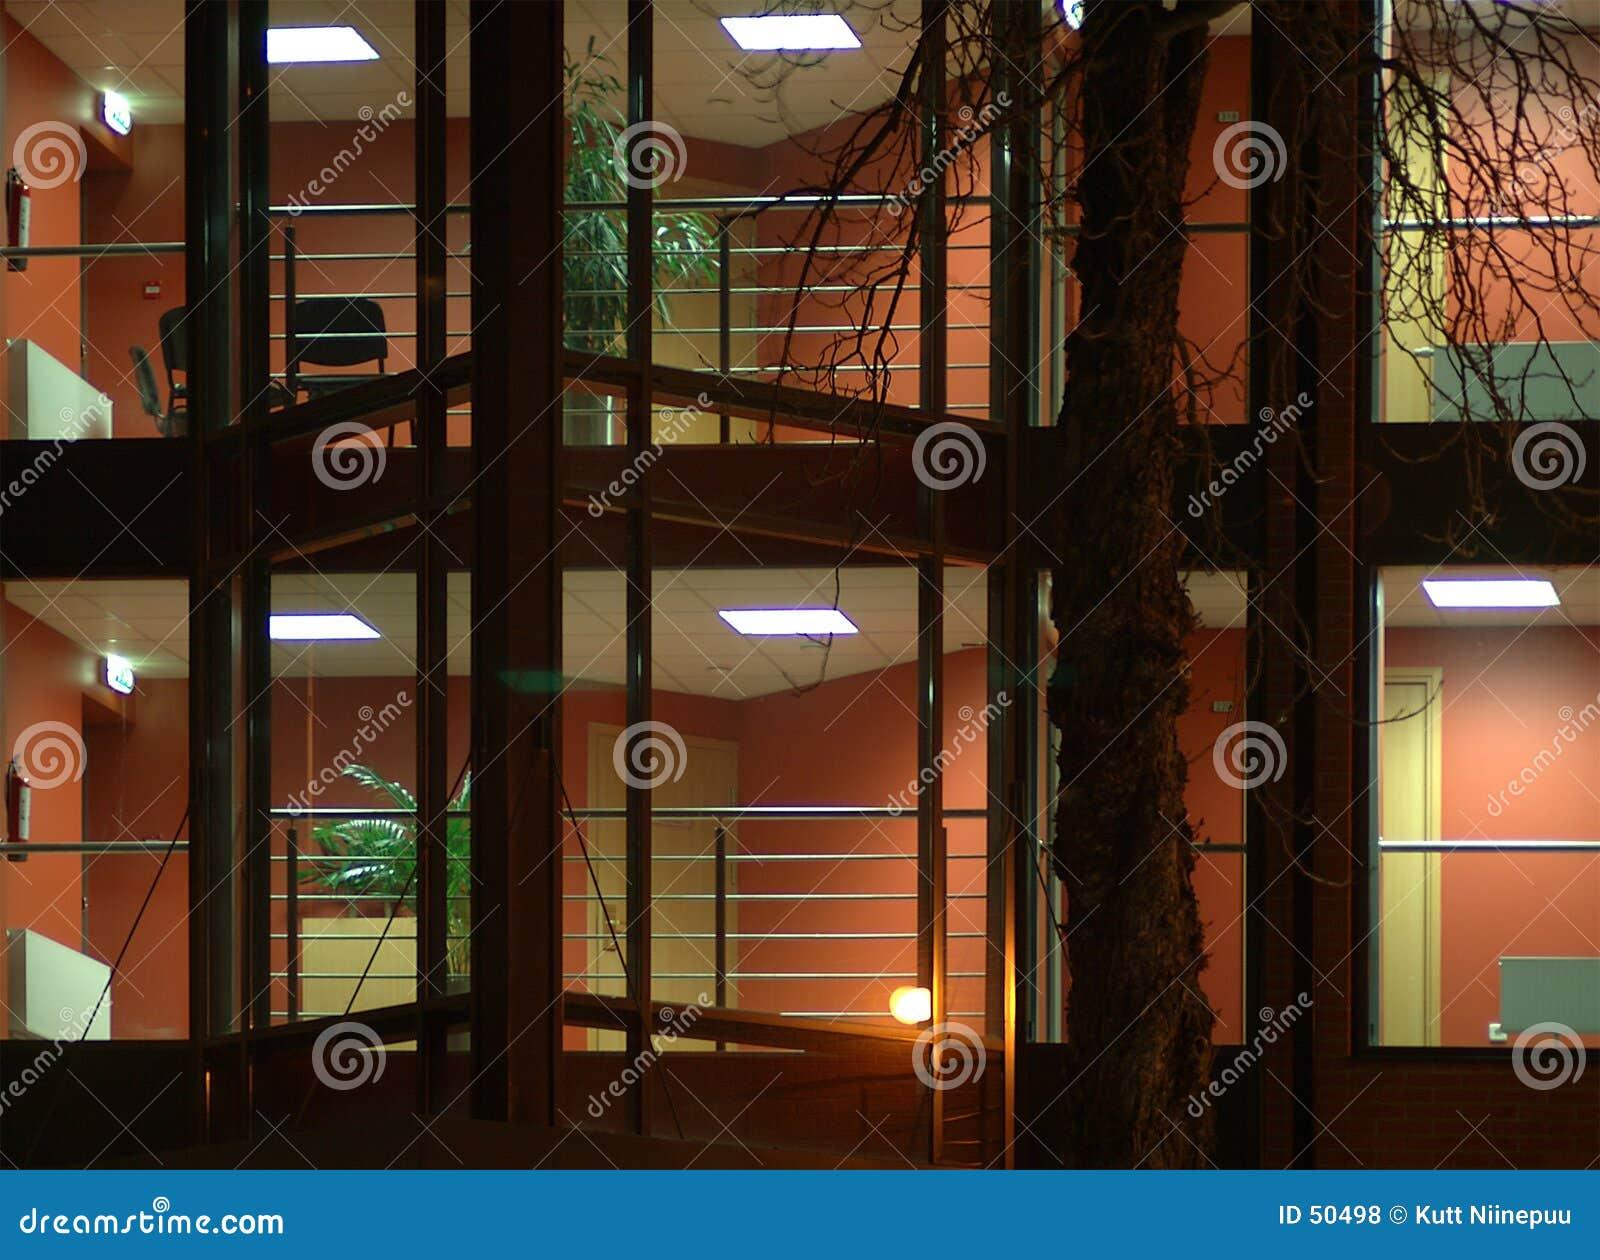 Download Deux étages photo stock. Image du moderne, couloir, salles - 50498